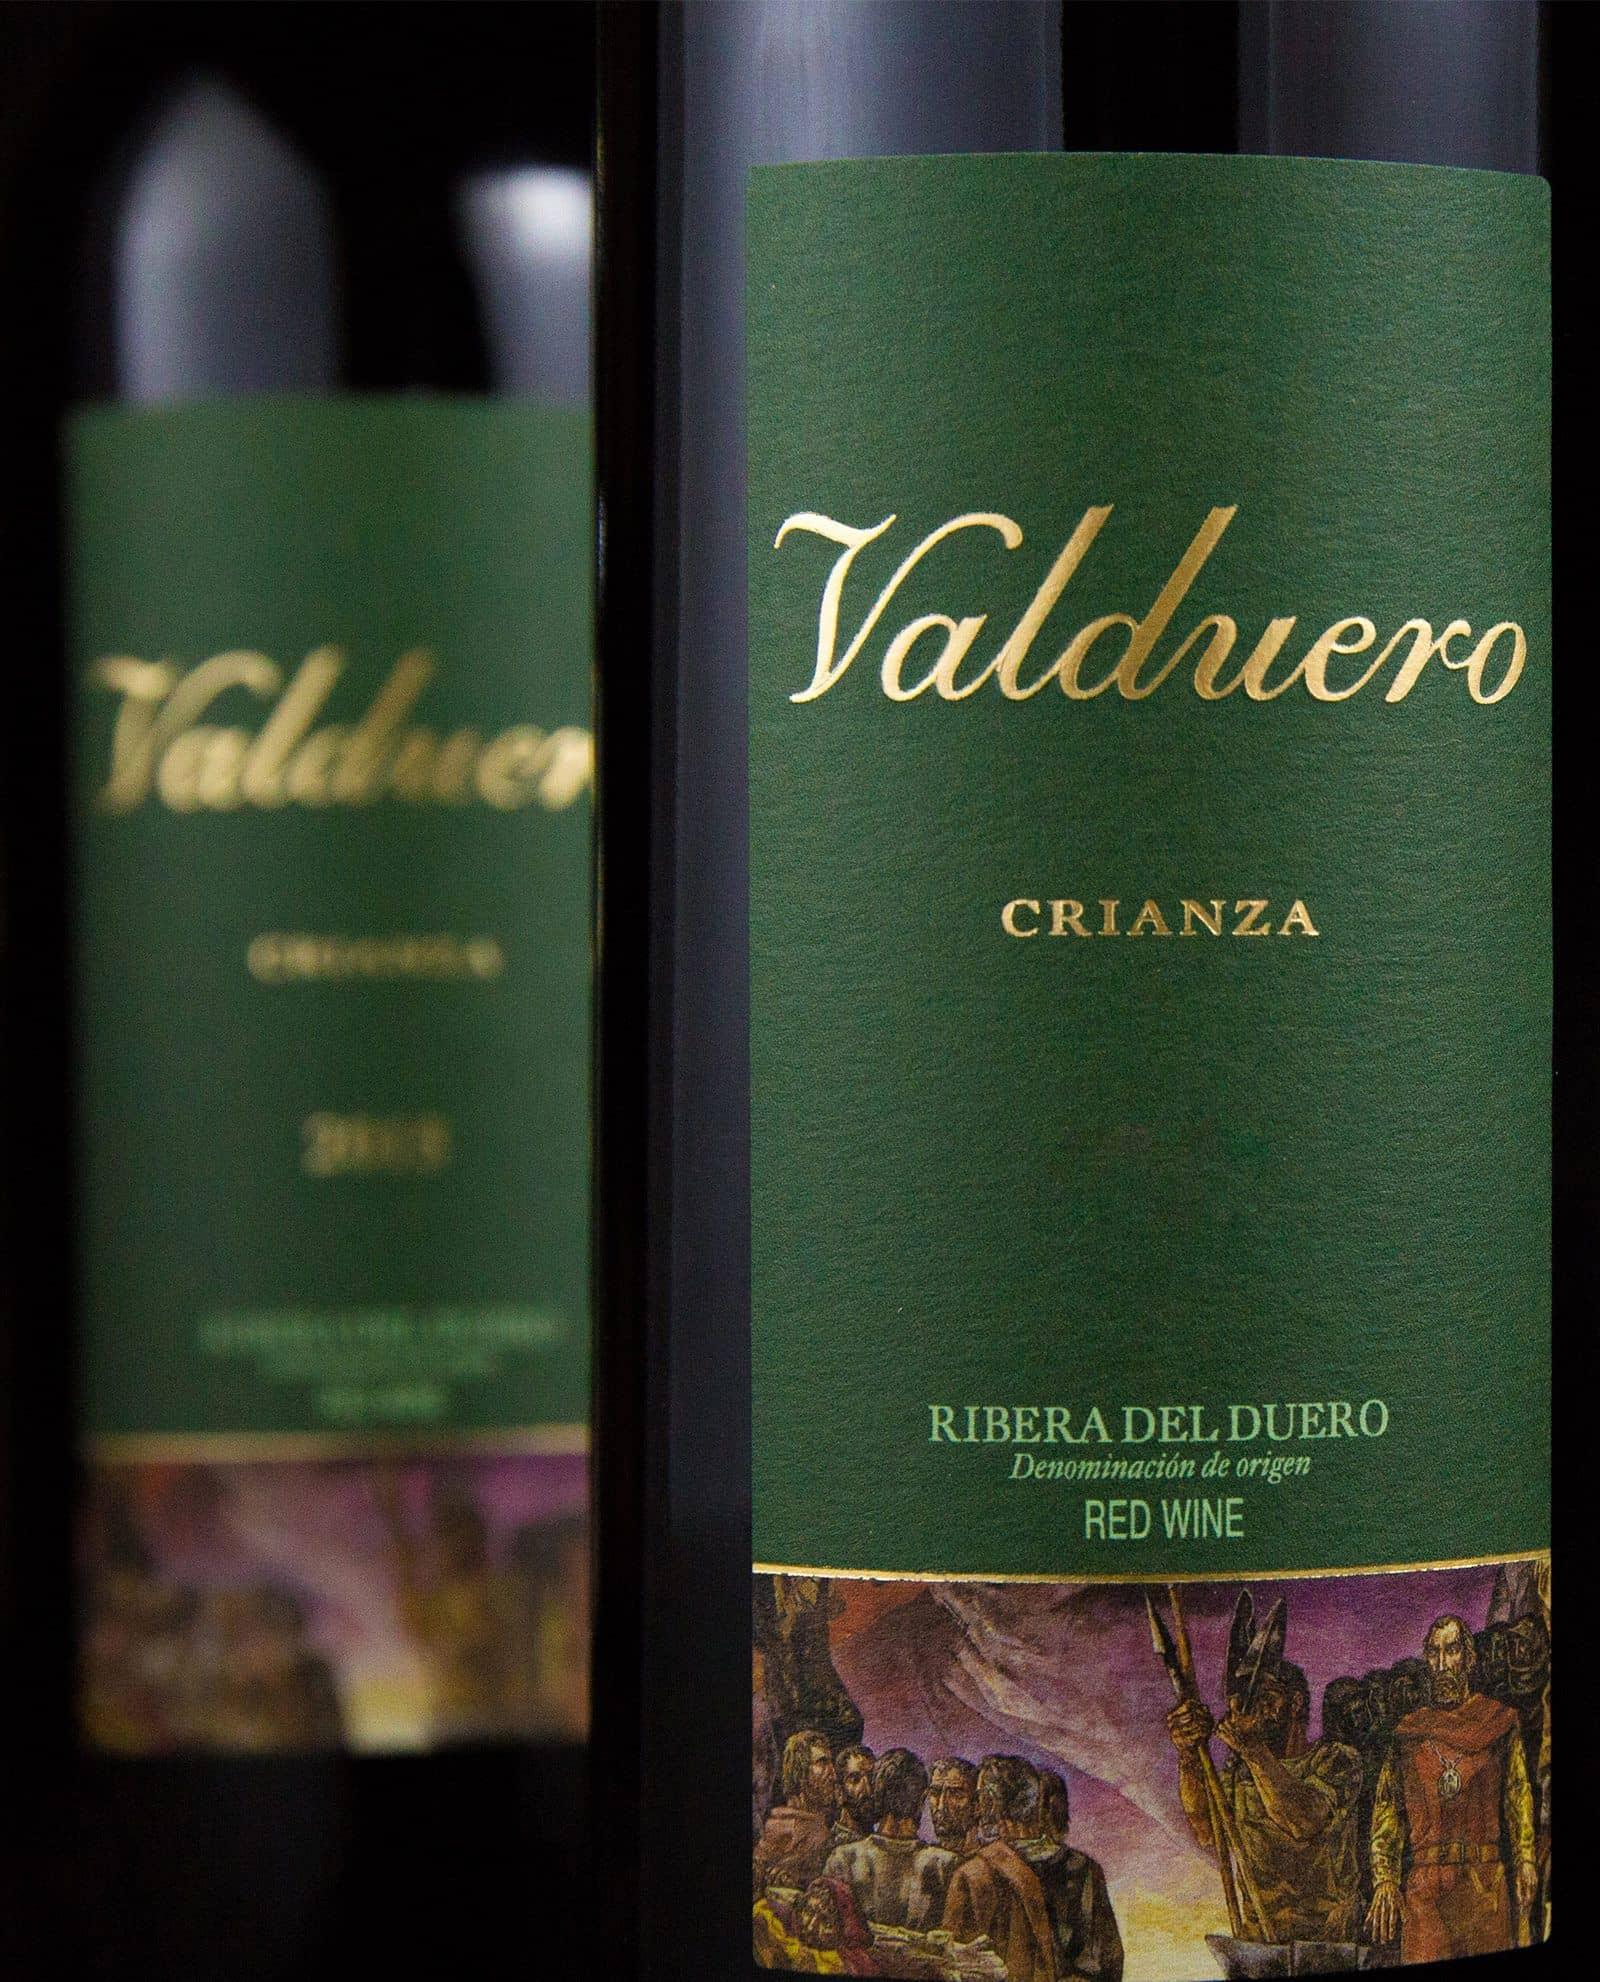 Detalle de la etiqueta de Valduero Crianza, vino tinto, RIbera de Duero